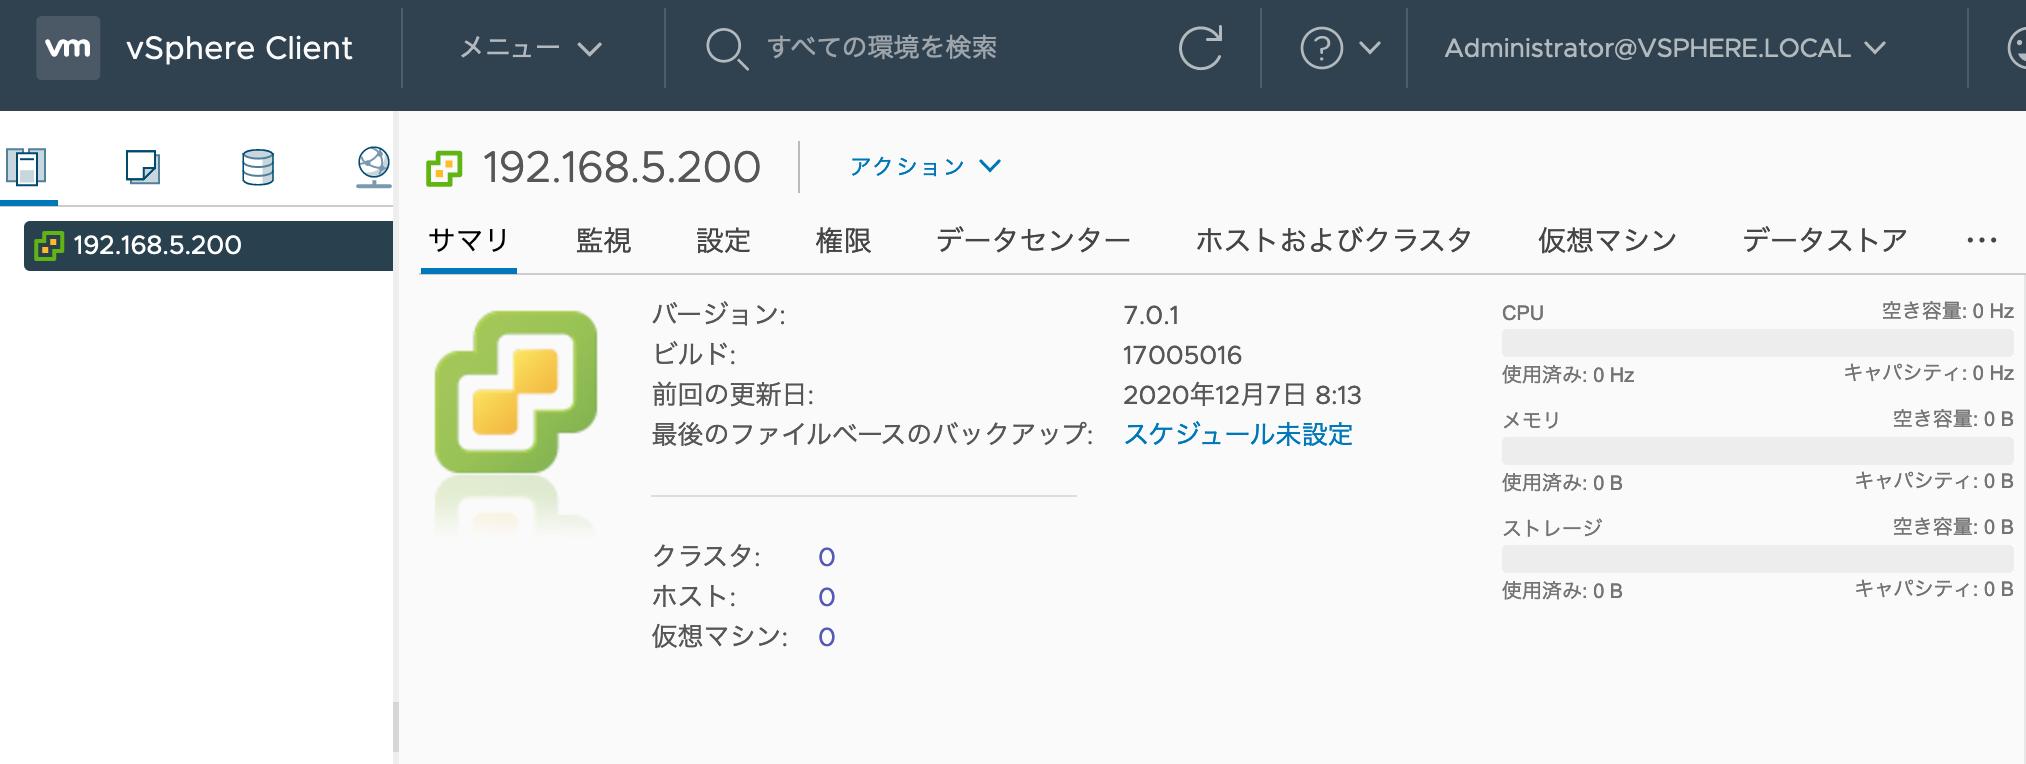 スクリーンショット 2020-12-07 0.38.56.png